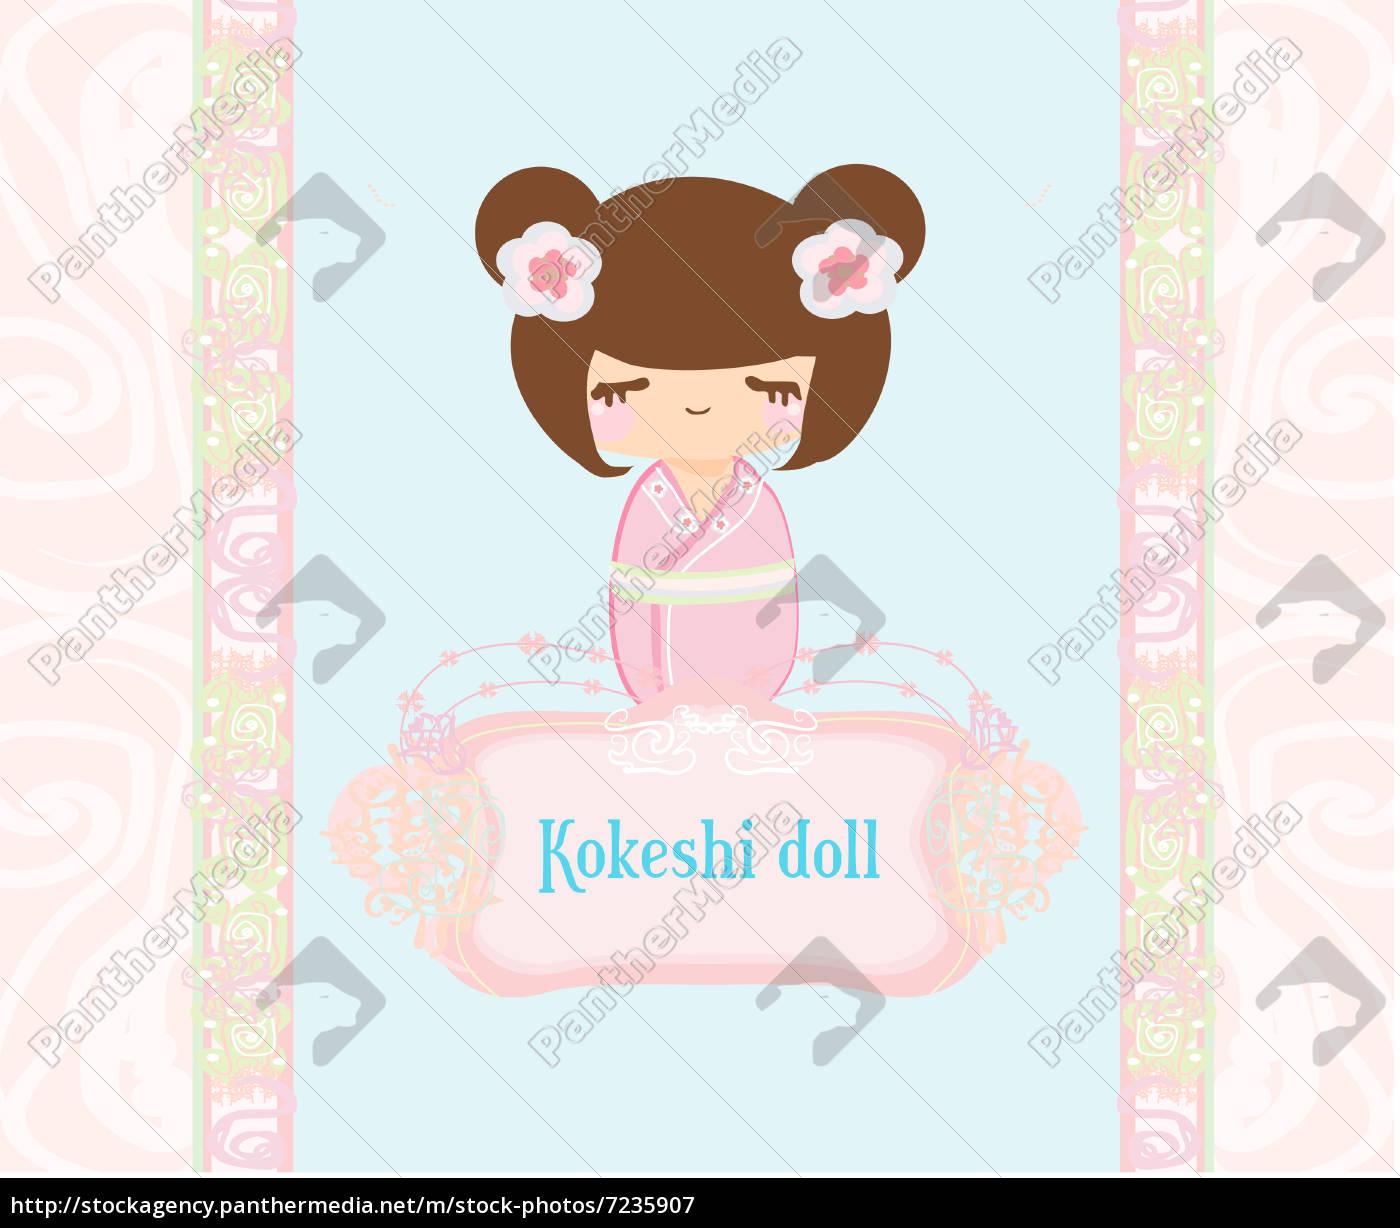 kokeshi, puppe, auf, dem, rosa, hintergrund - 7235907